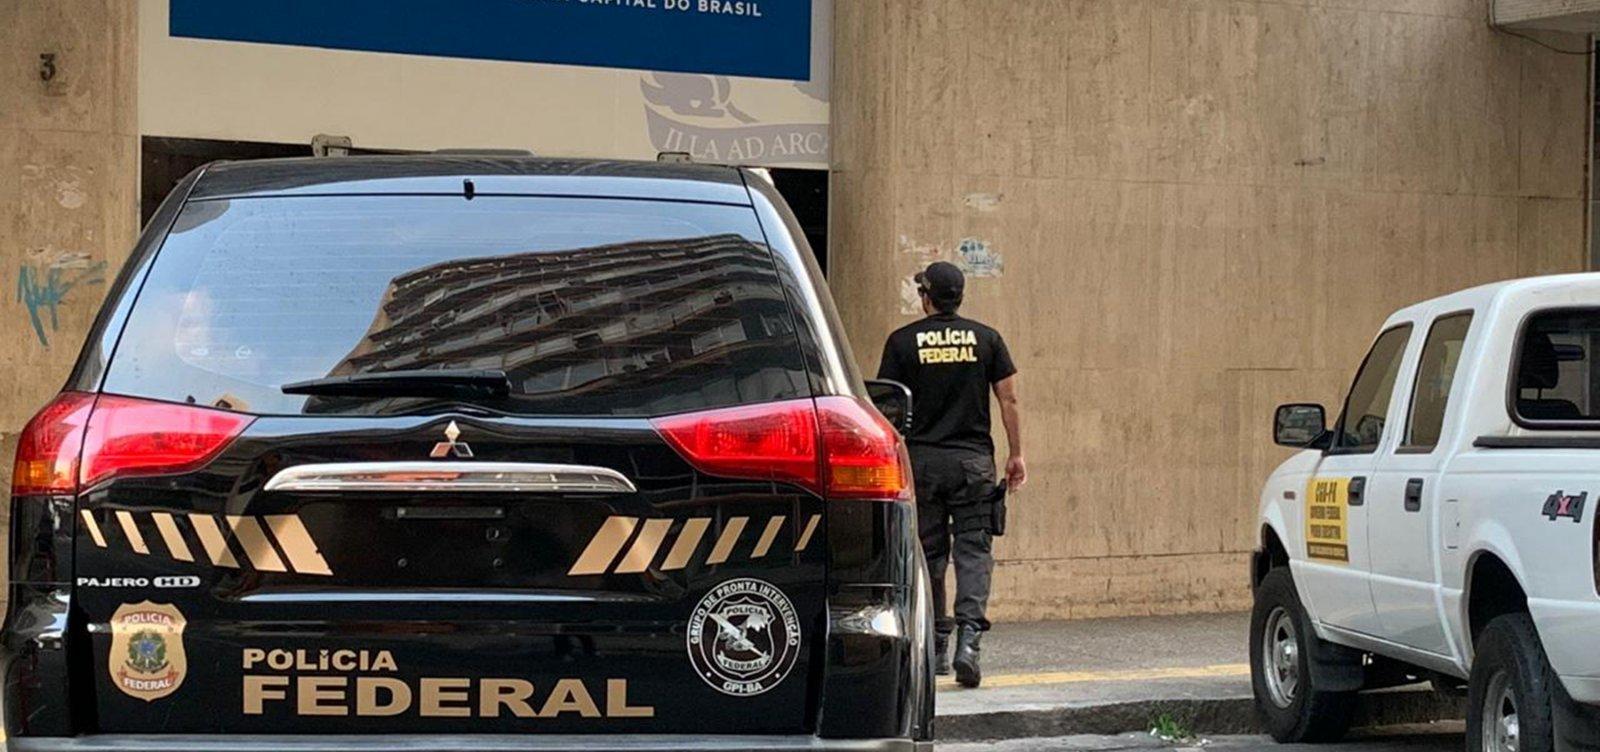 Prefeitura abre cotação para contratar empresas após operação da PF